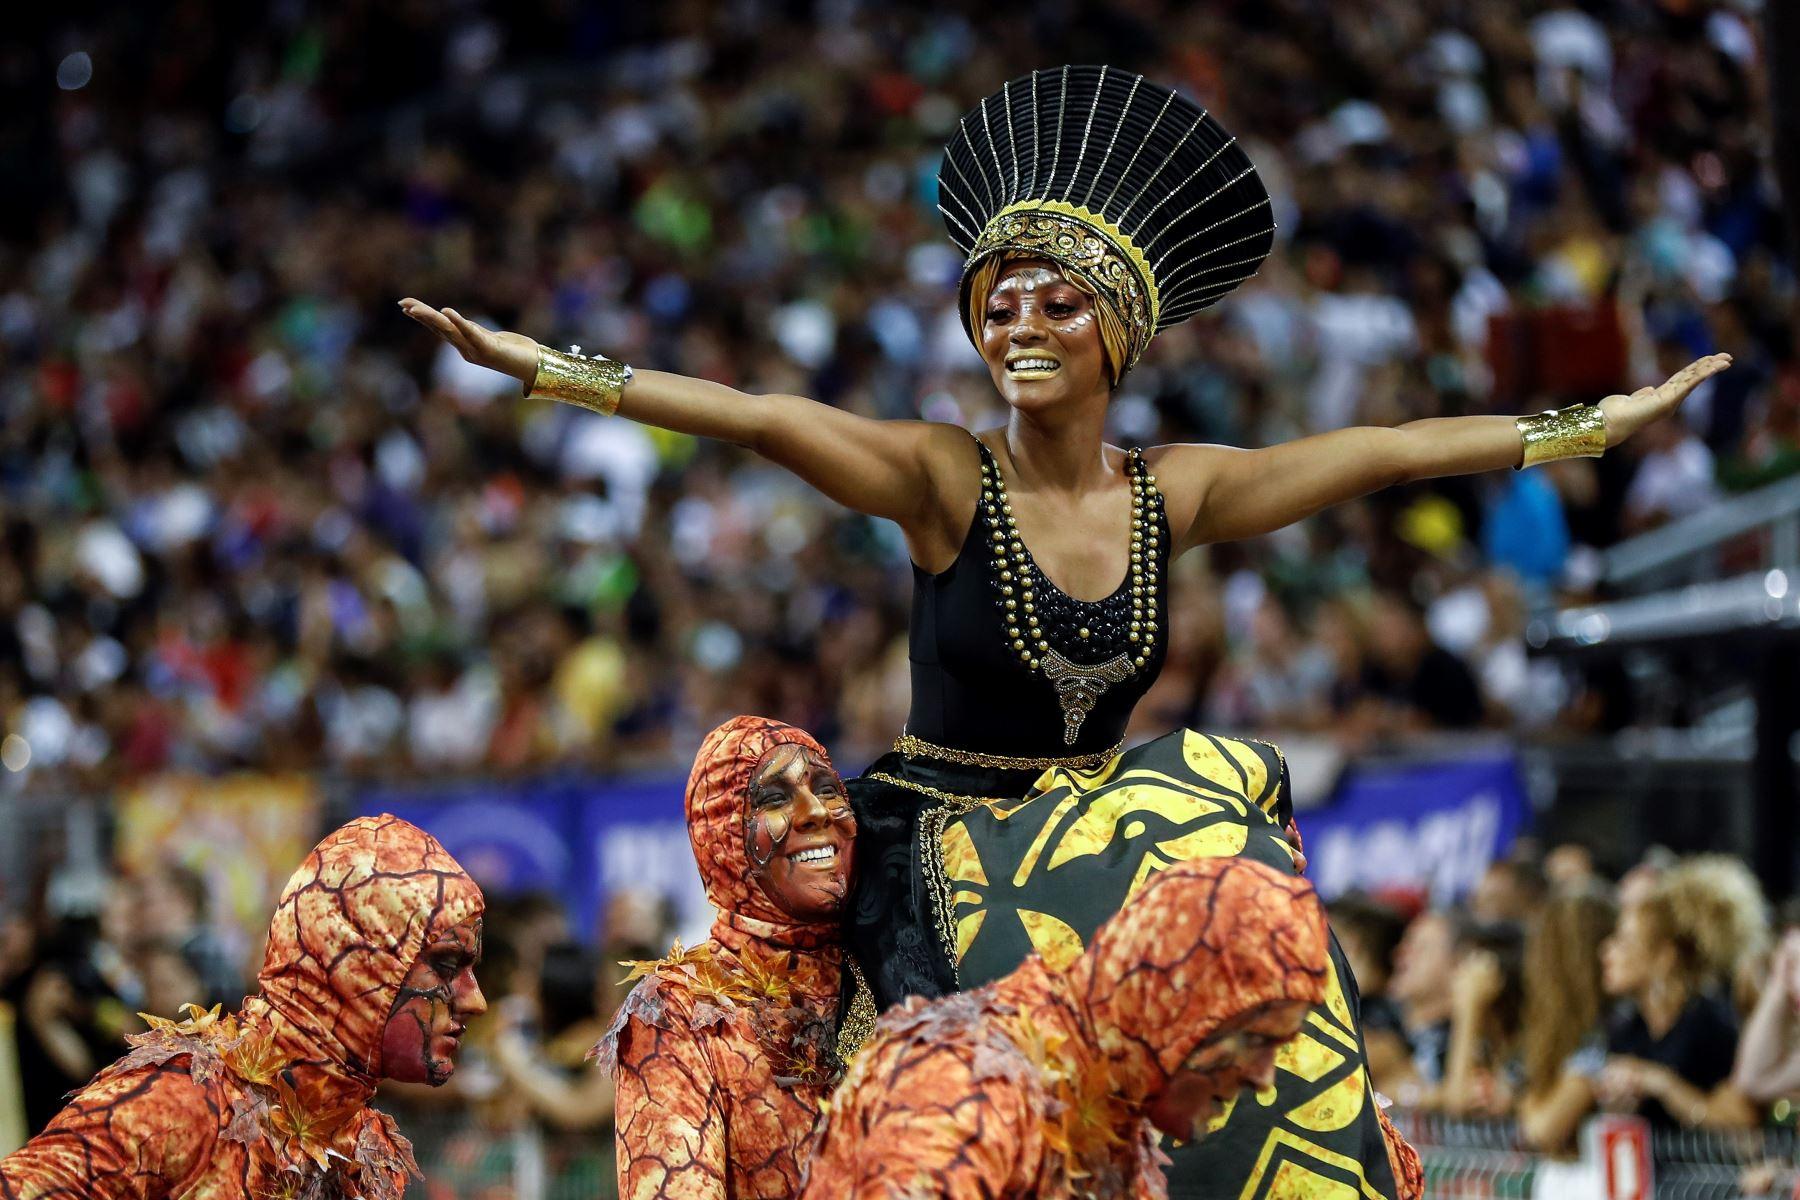 Integrantes de la escuela de samba del Grupo Especial Barroca Zona Sul  en la celebración del carnaval en el sambódromo de Anhembí en Sao Paulo (Brasil). Foto: EFE